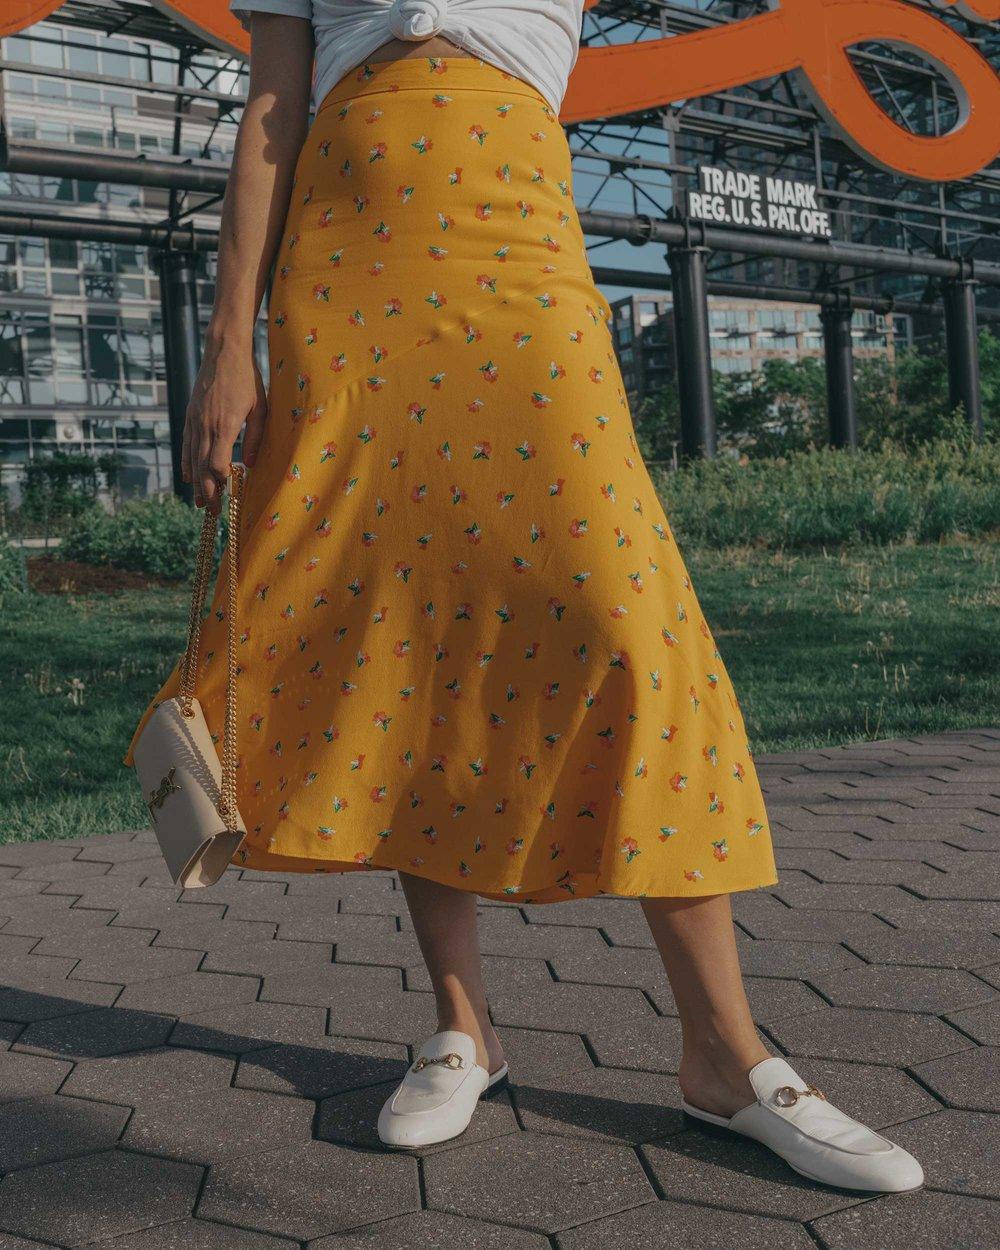 yellow floral midi skirt pepsi cola sign long island city3.jpg